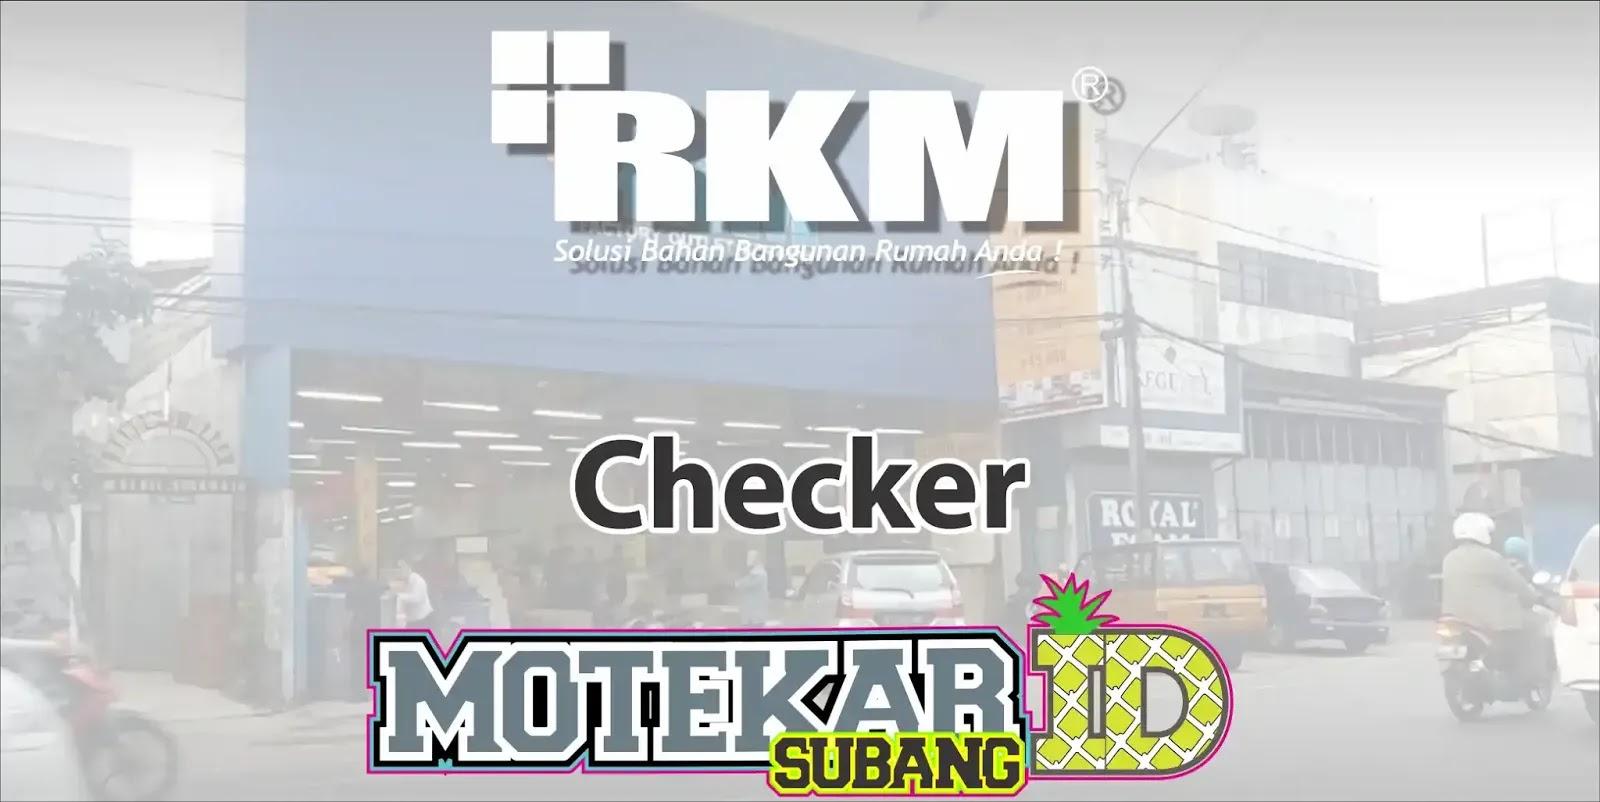 Lowongan Kerja Checker Subang Rkm Pamanukan 2019 Motekar